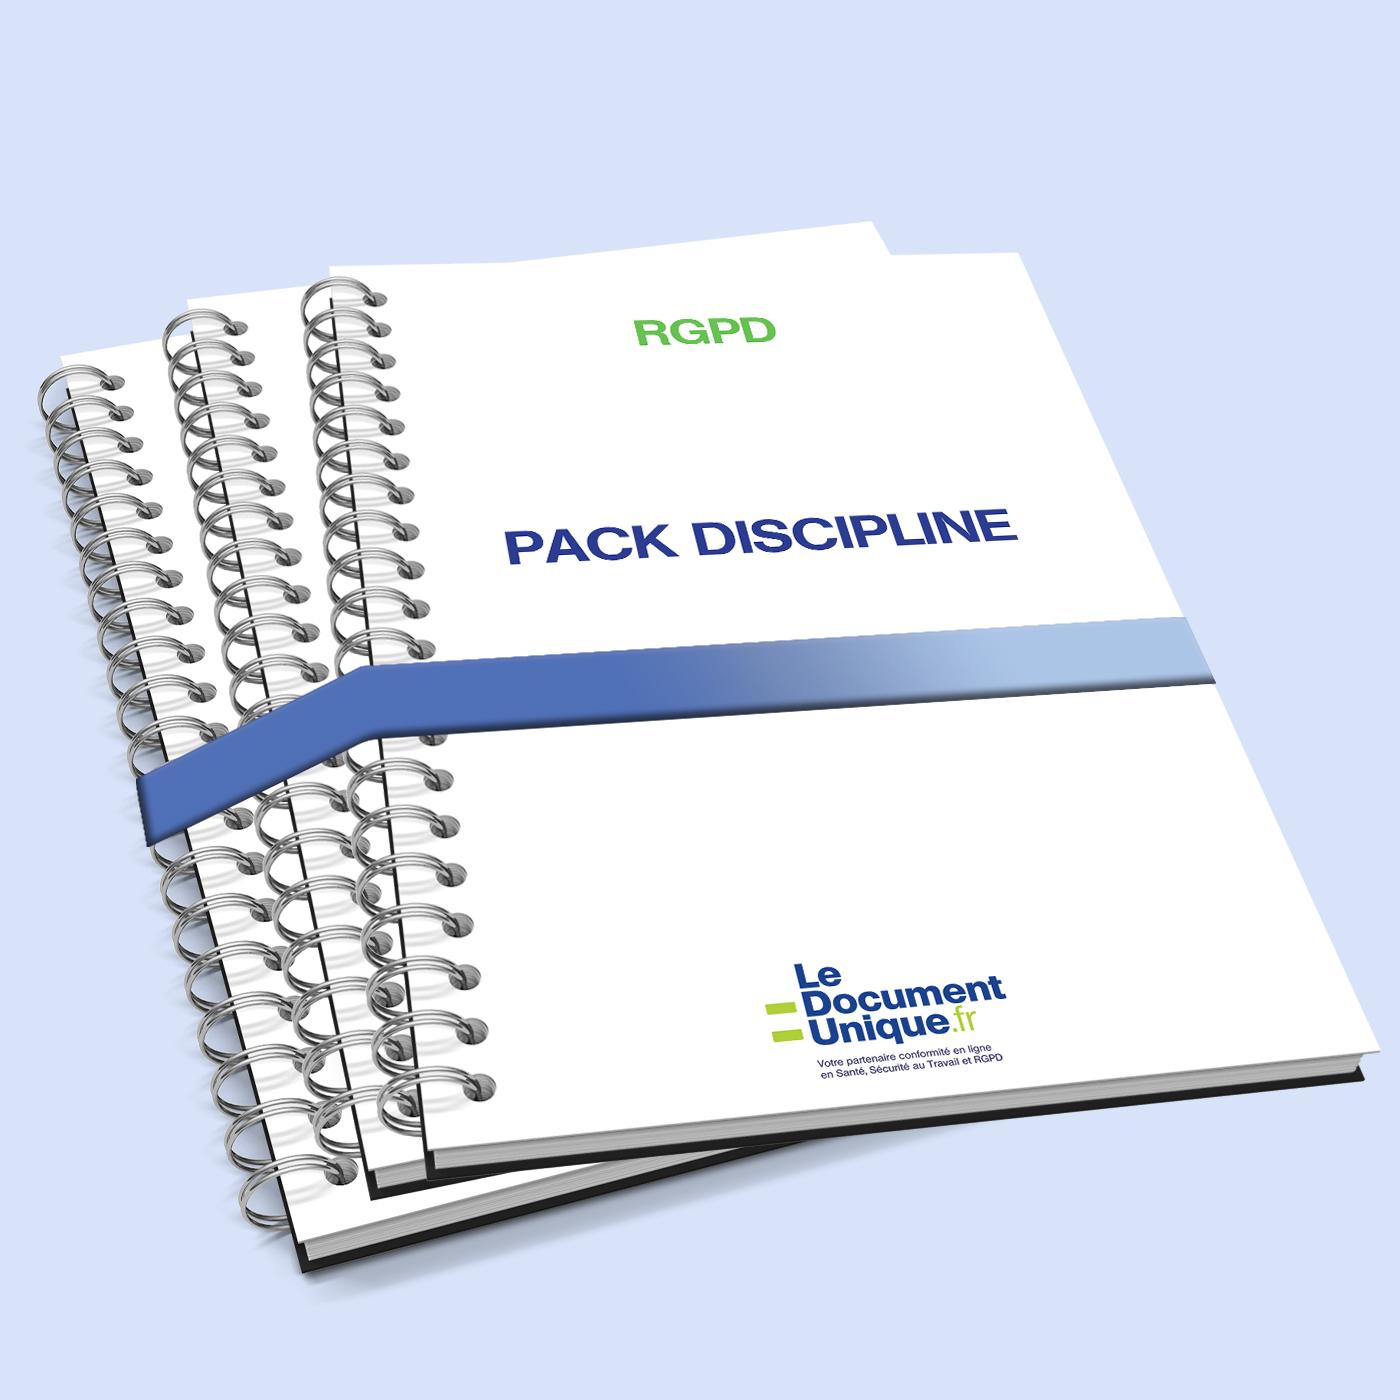 Pack discipline pour être conforme RGPD